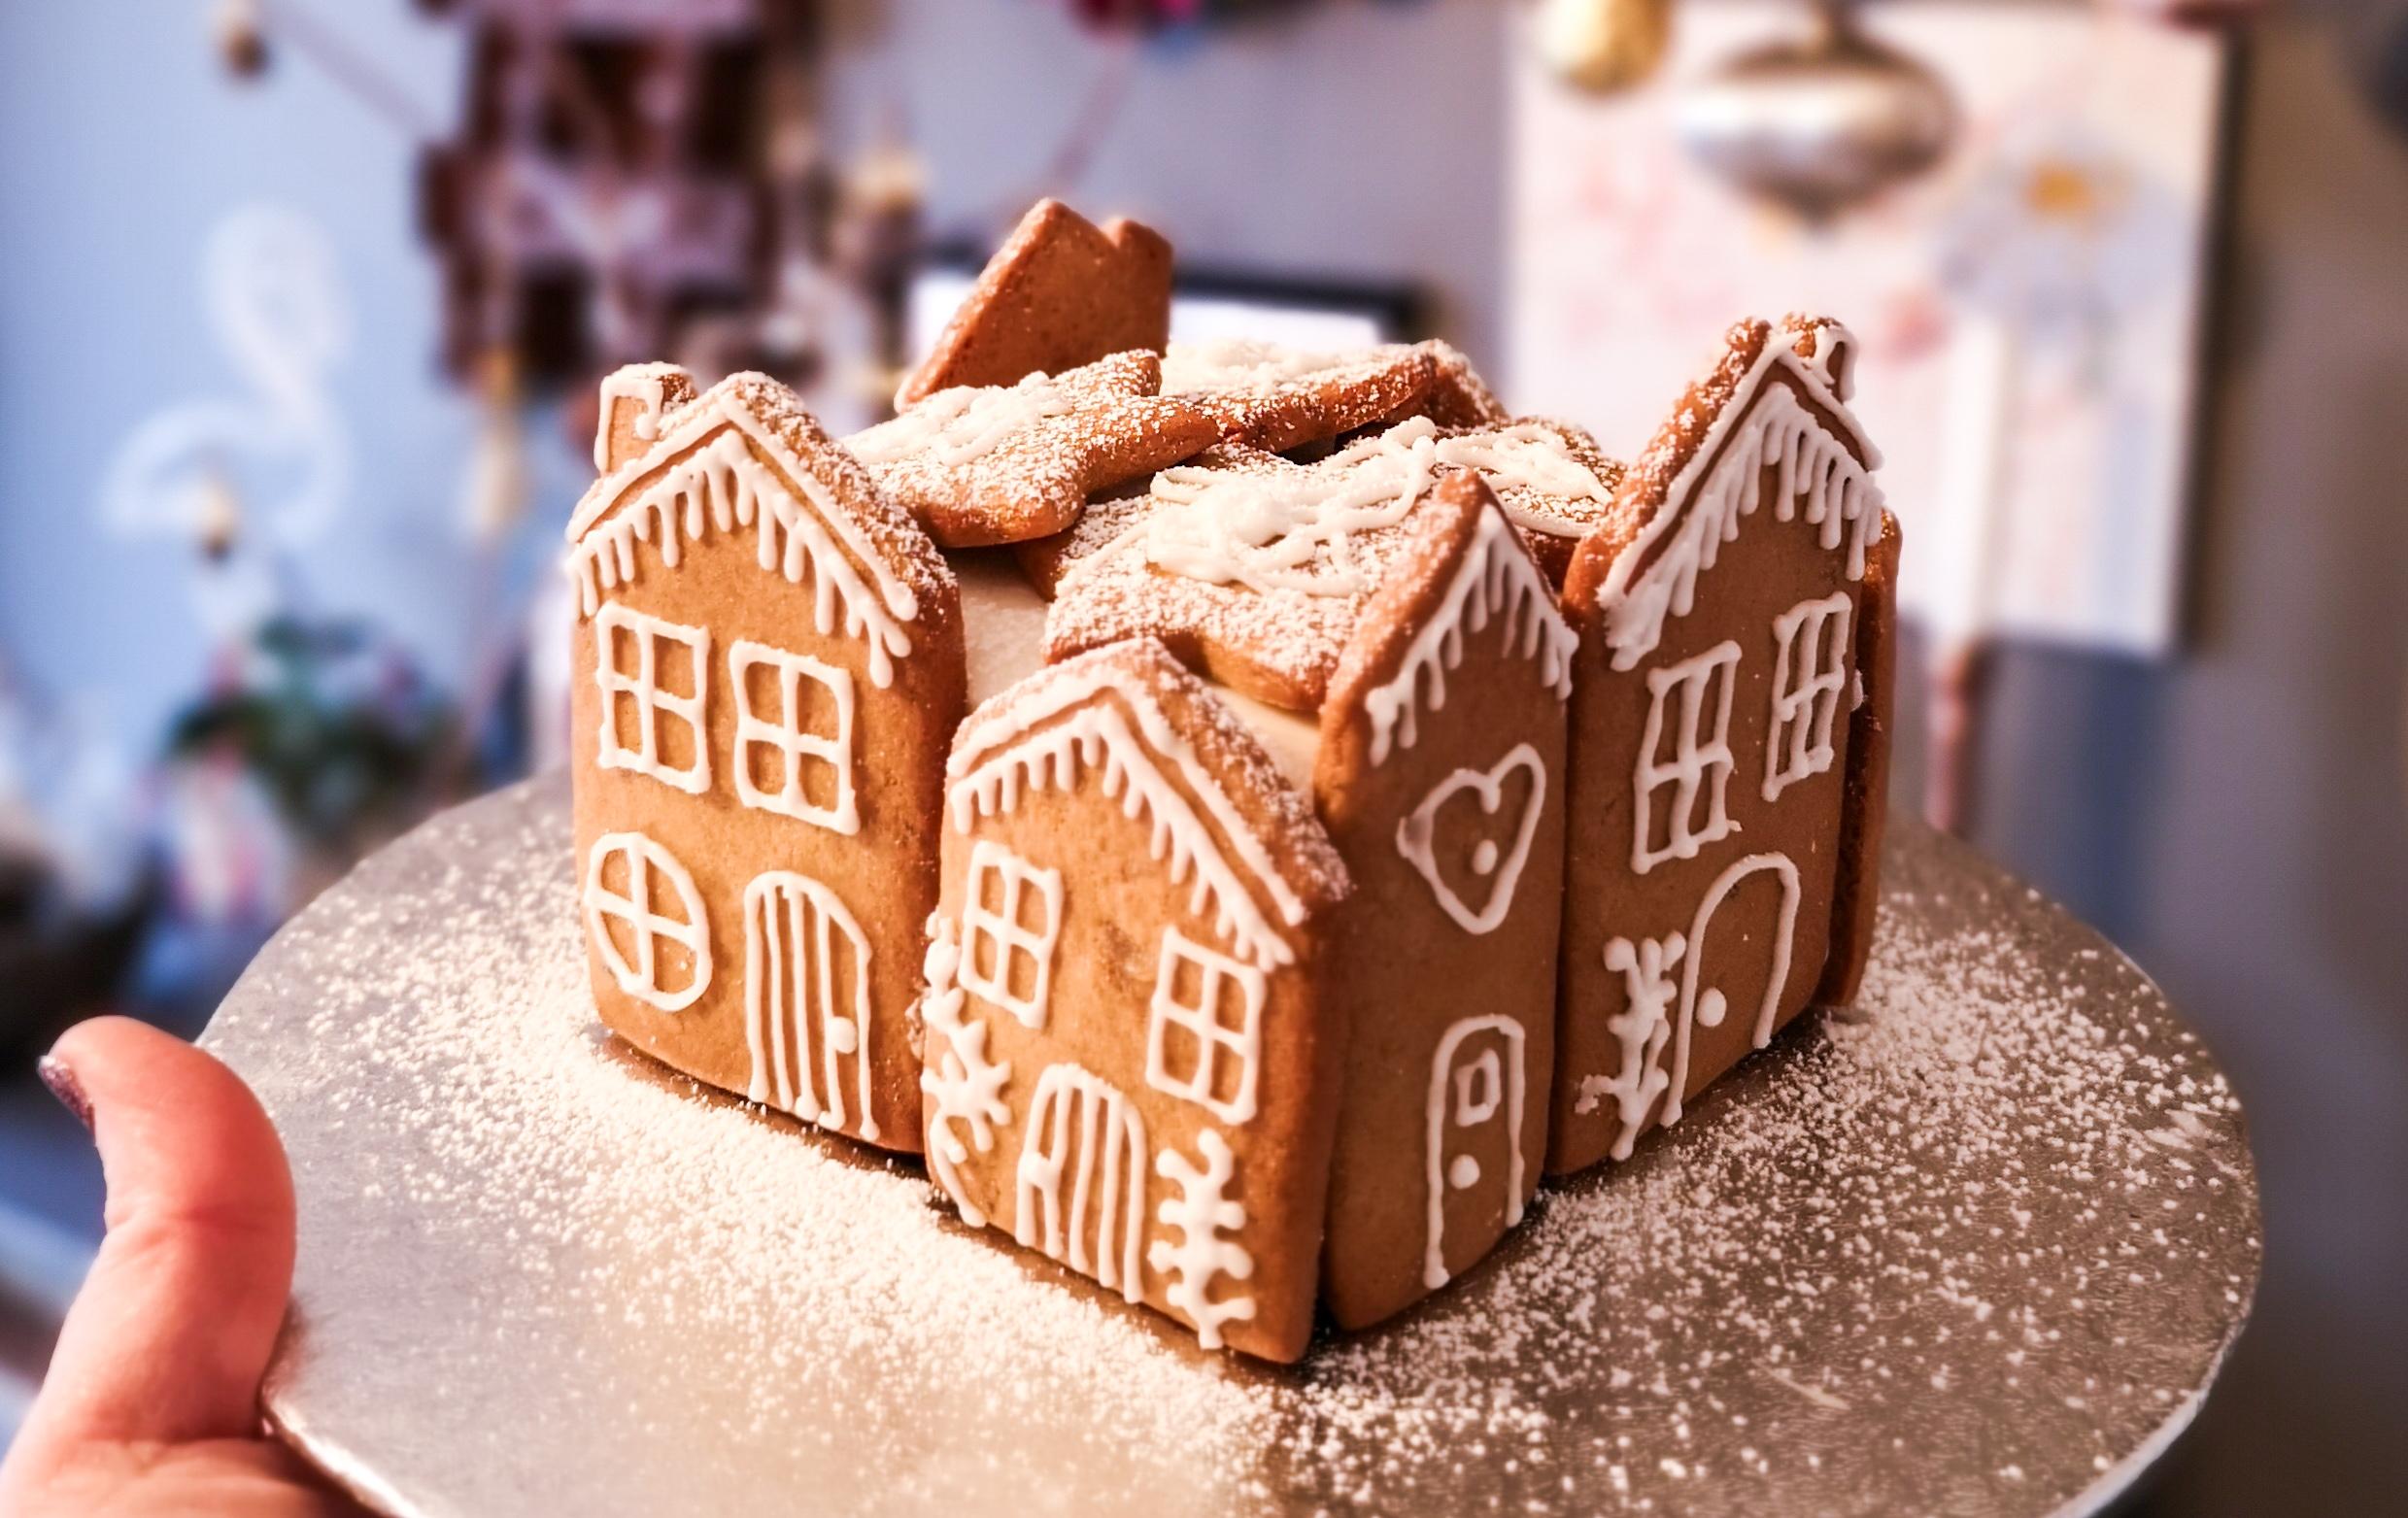 Festive baking: Decorating your Christmas cake